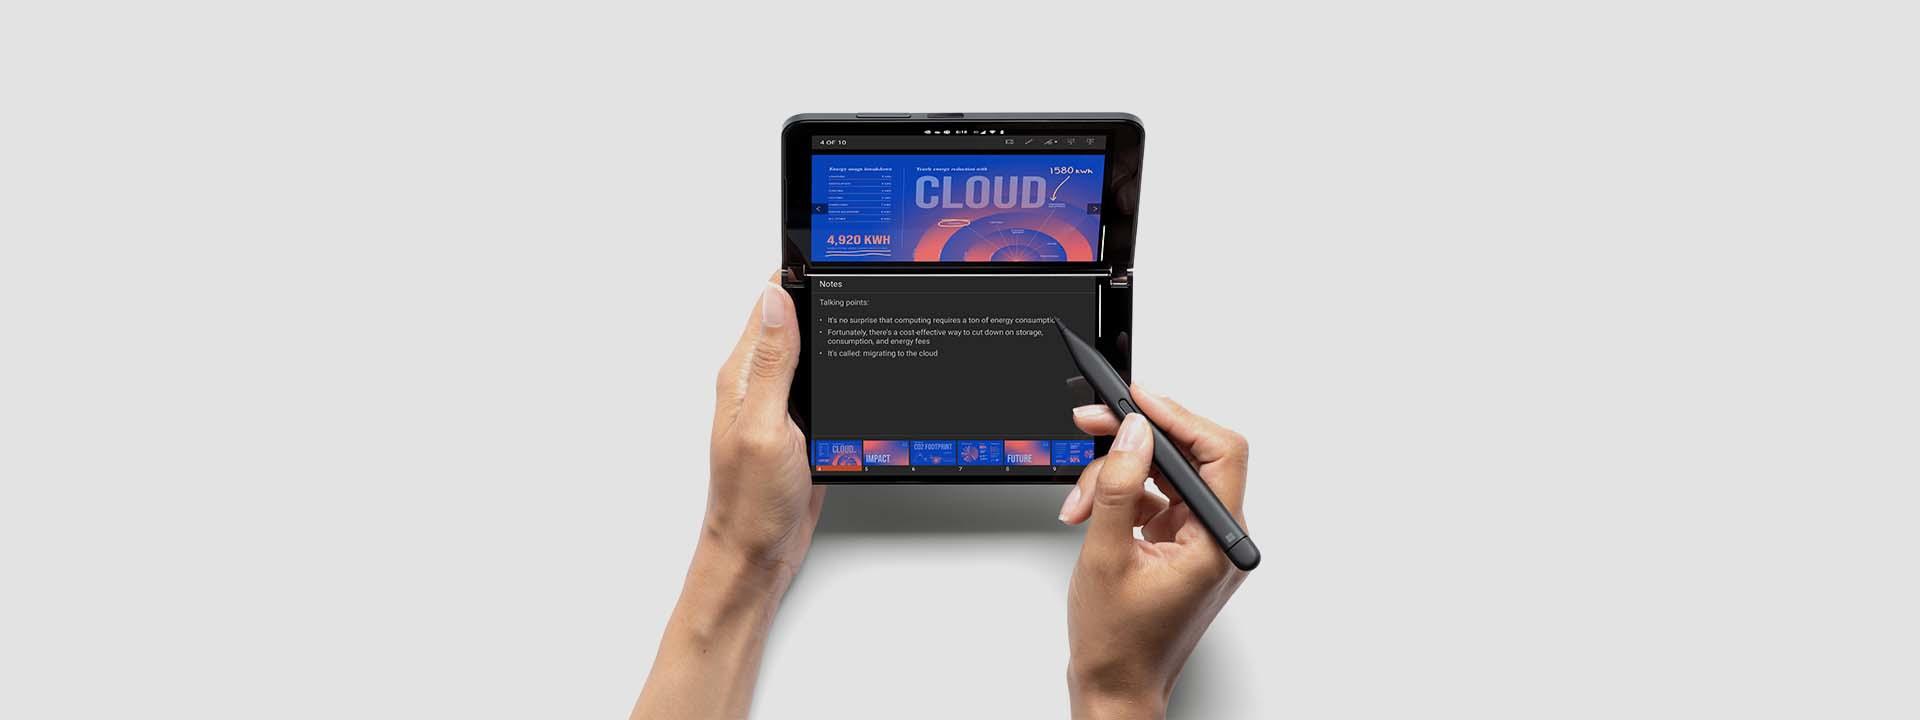 Zwei Hände halten einen Surface Duo 2 aufgeklappt, um eine Microsoft PowerPoint-Präsentation mit den Sprechernotizen auf zwei Bildschirmen darzustellen